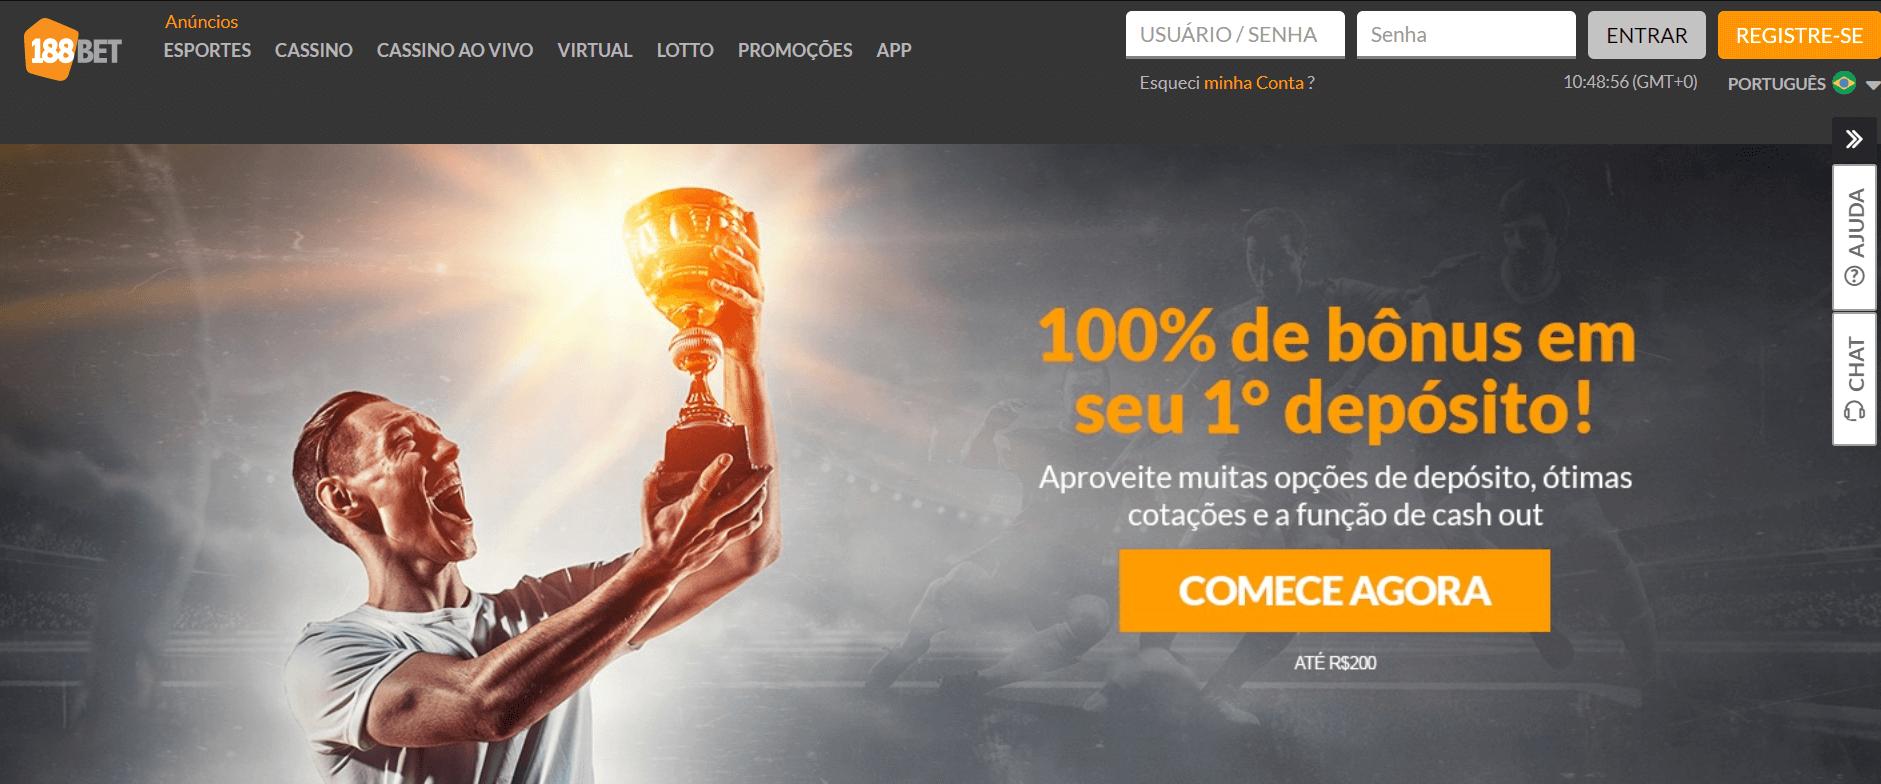 Inscrição 188Bet Brasil